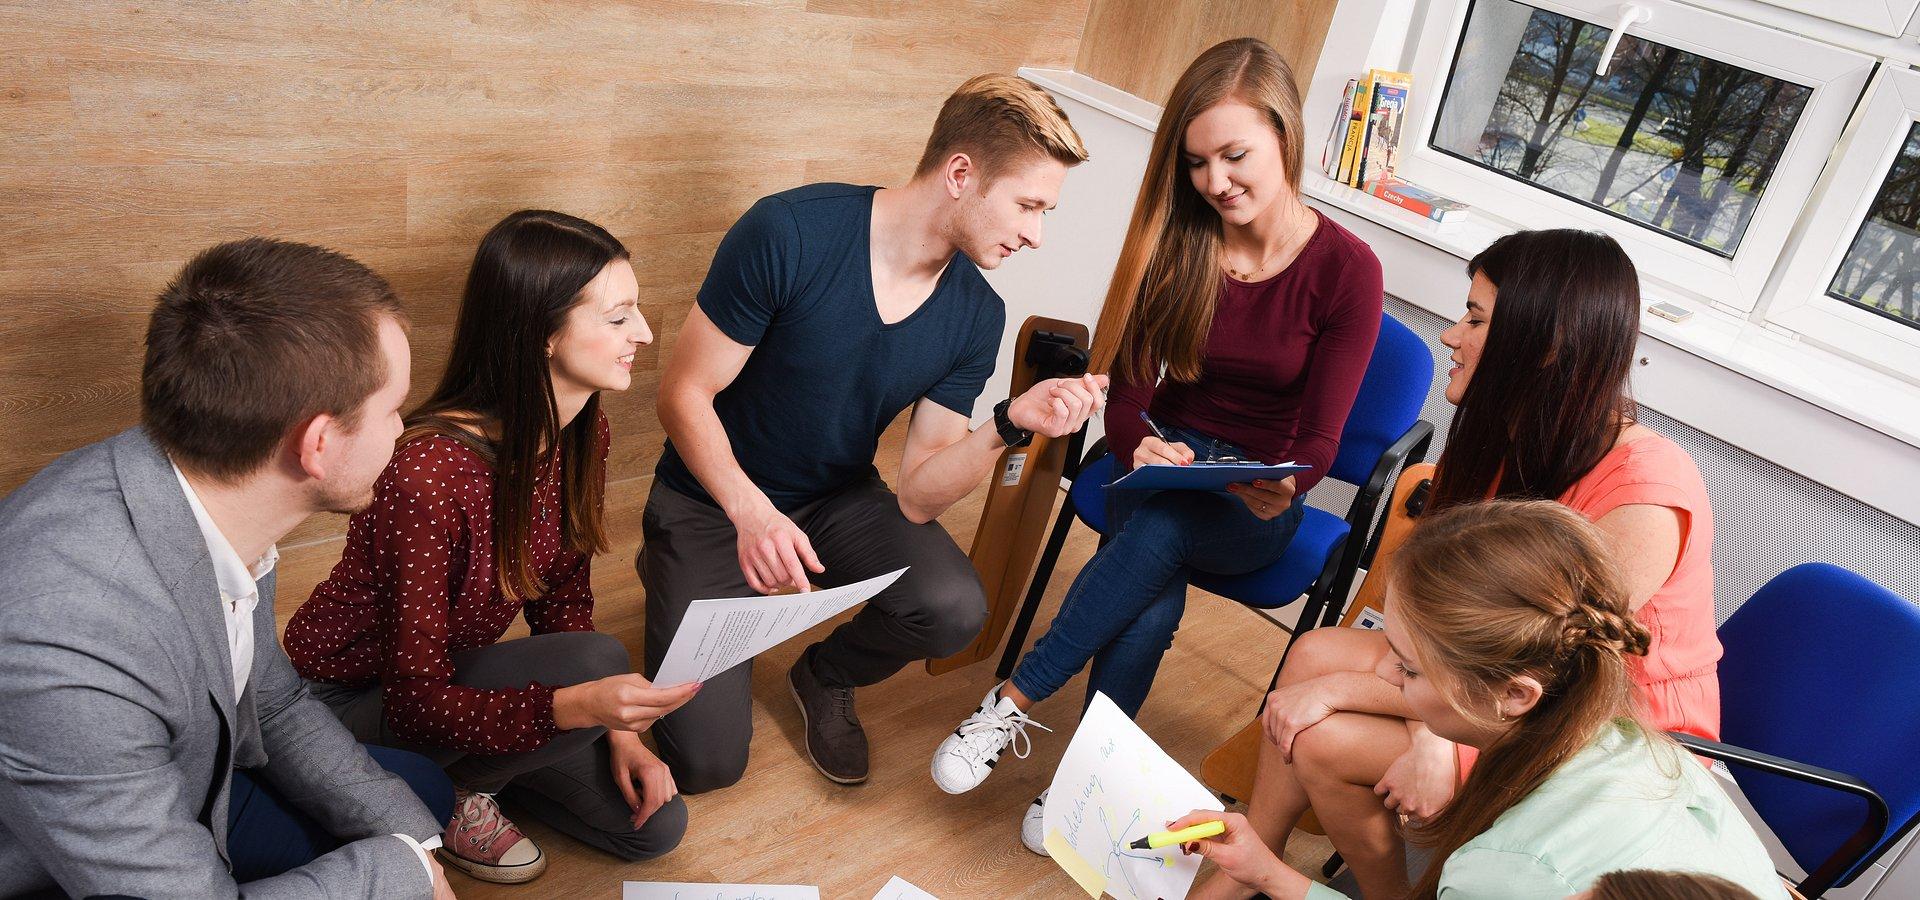 Warsztaty w WSB – bezpłatne zajęcia dla uczniów szkół średnich